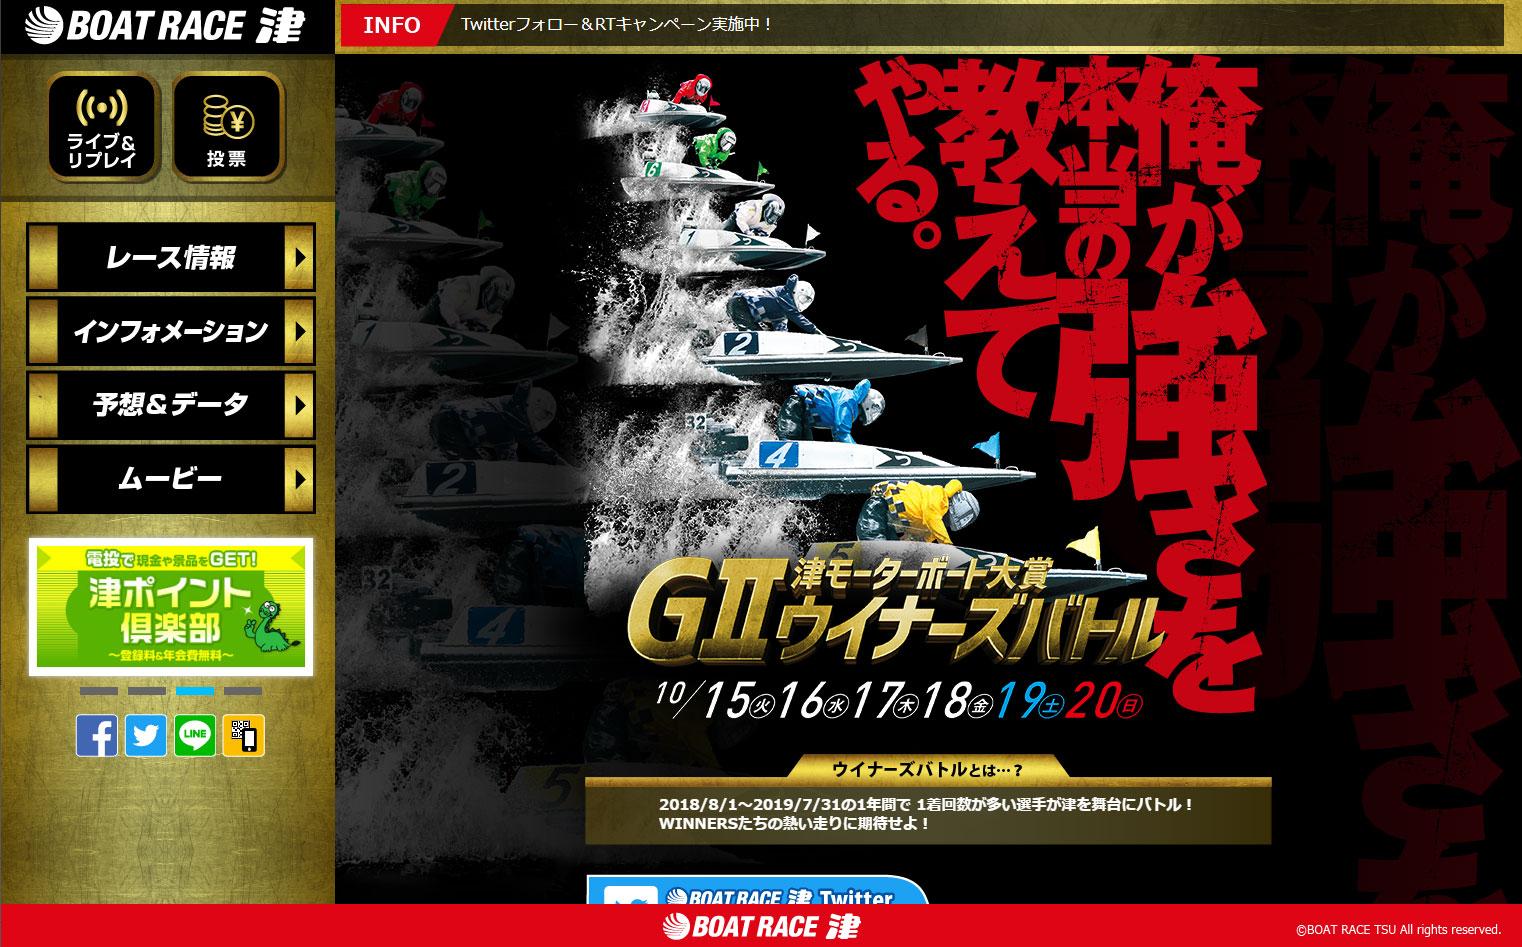 田中信一郎選手、フライングしたのに完走。欠場艇表示装置見落としという痛恨のミス!G2津モーターボート大賞